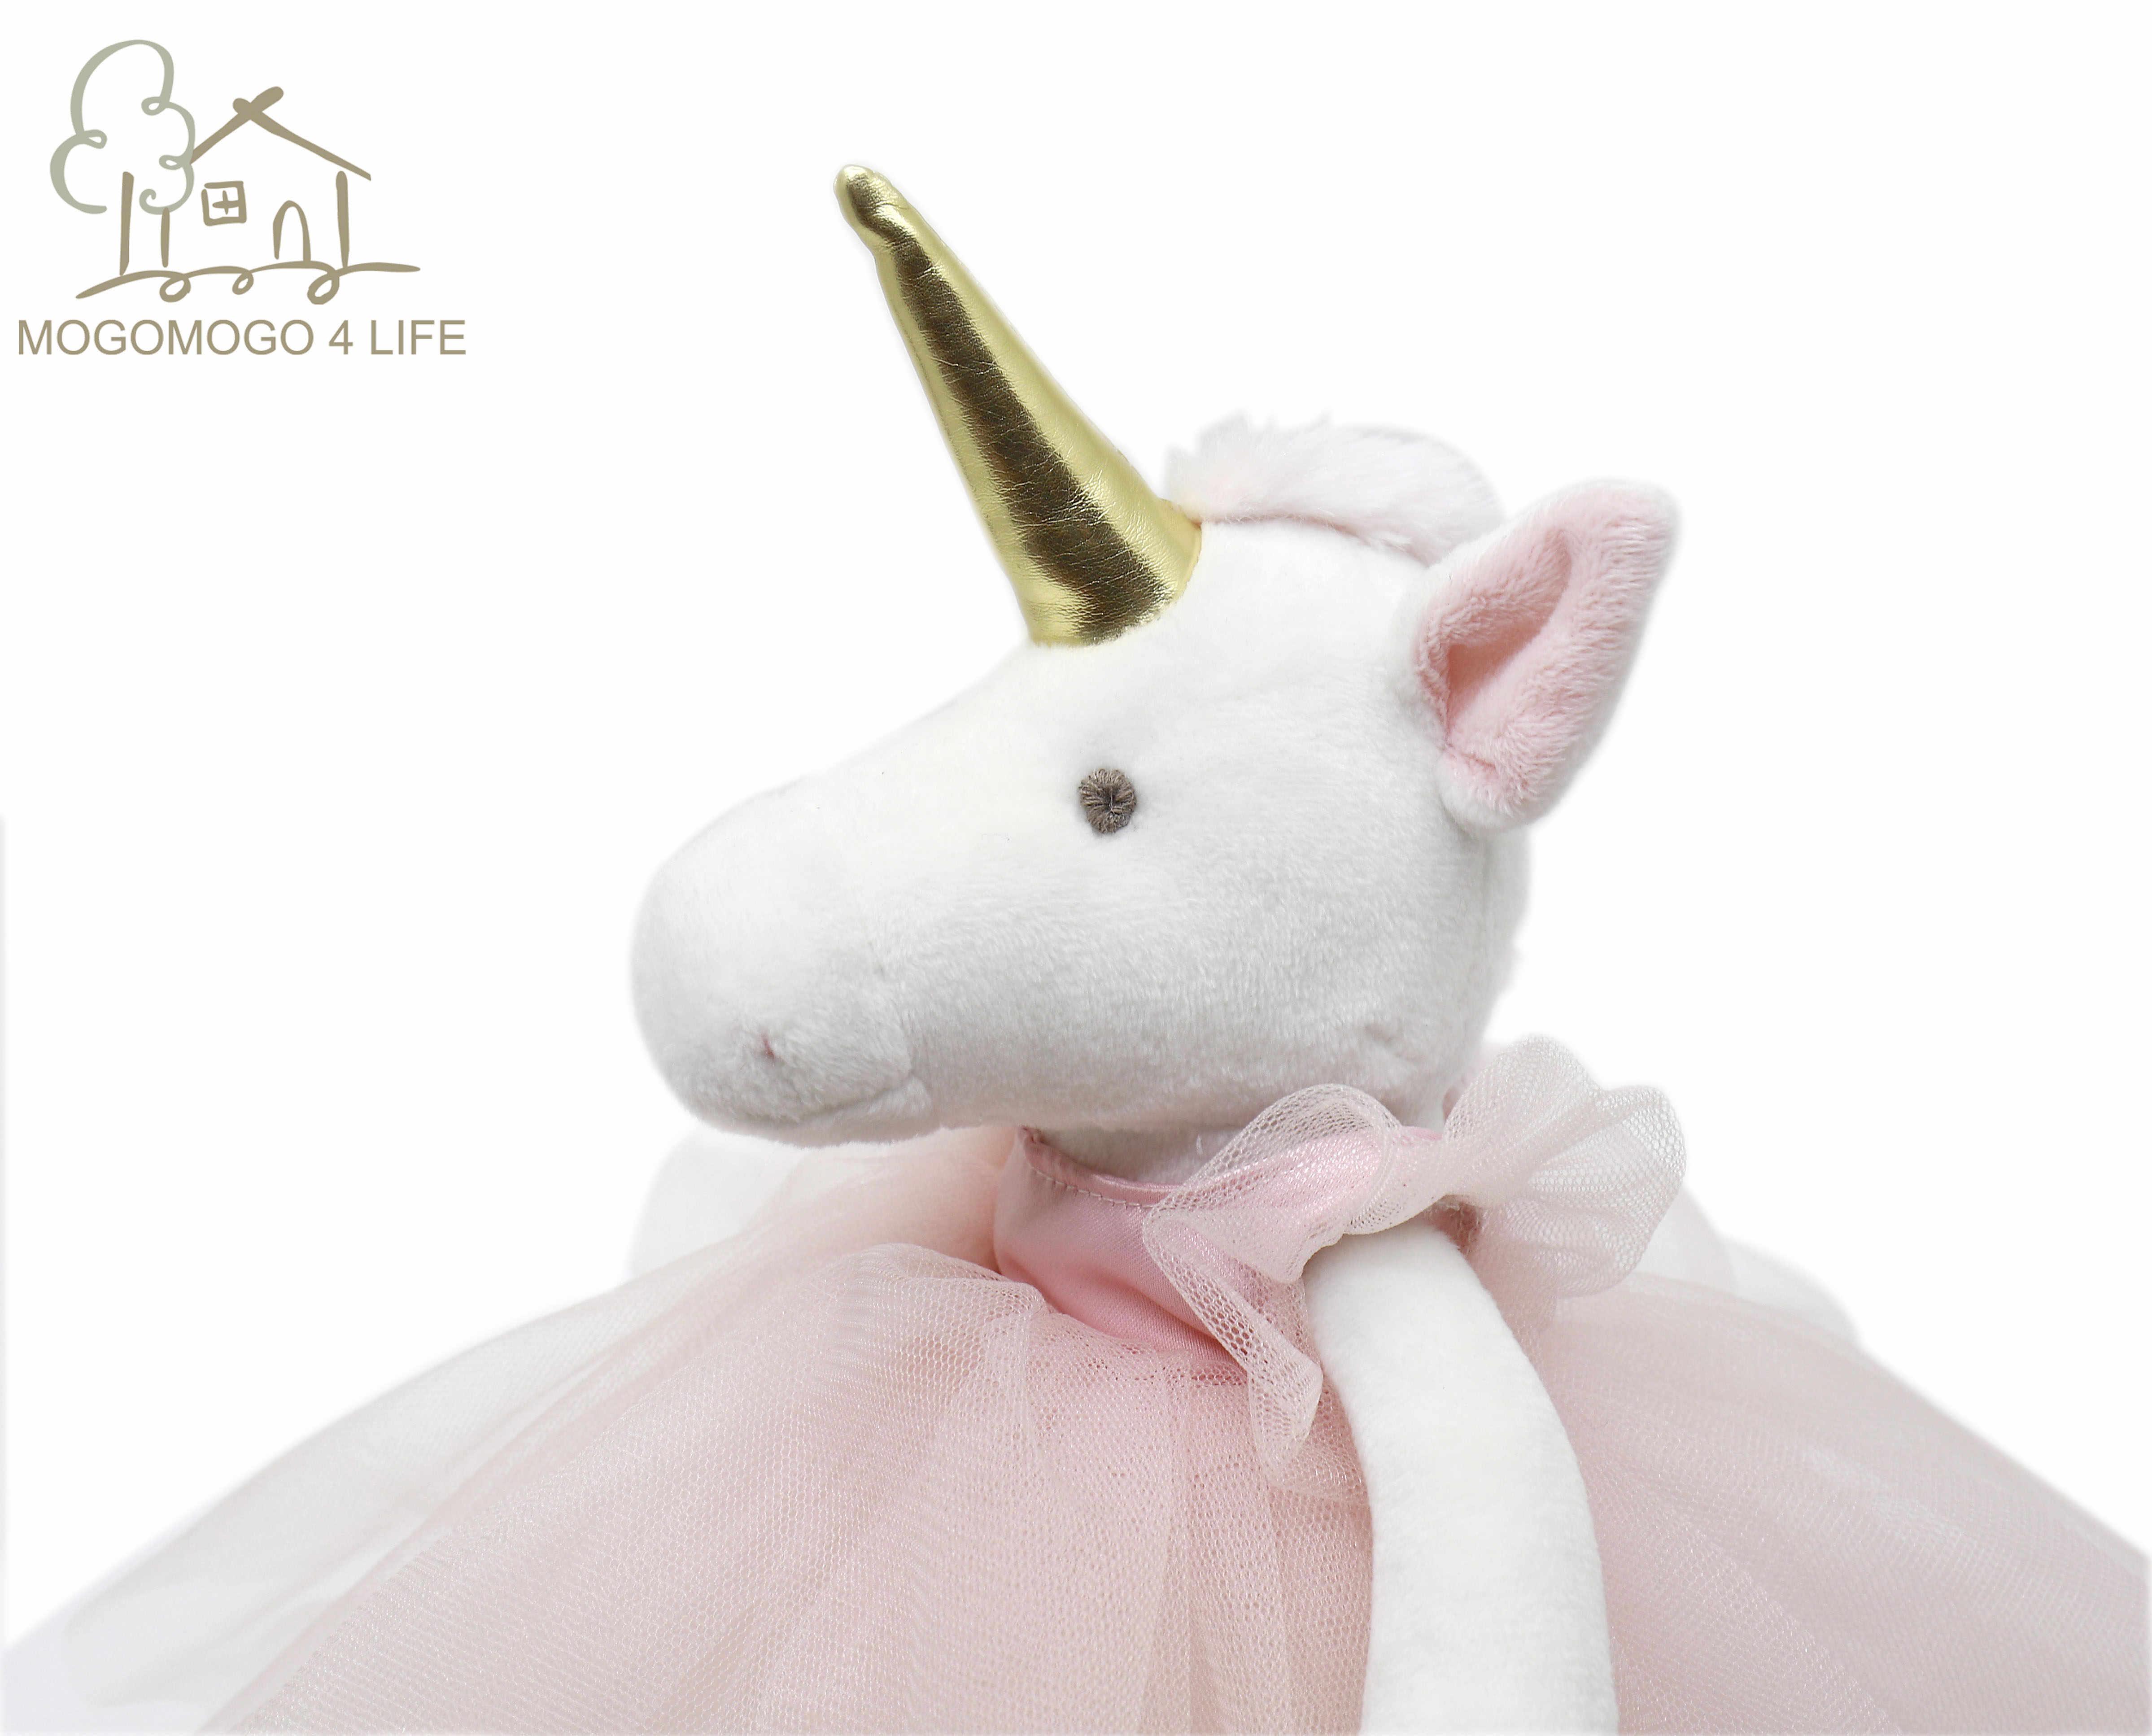 Luksusowy Mogo Handmade pluszowy jednorożec zabawka baleriny jednorożec lalka księżniczka jednorożec lalka Super złoty róg koń wypchane zwierzęta